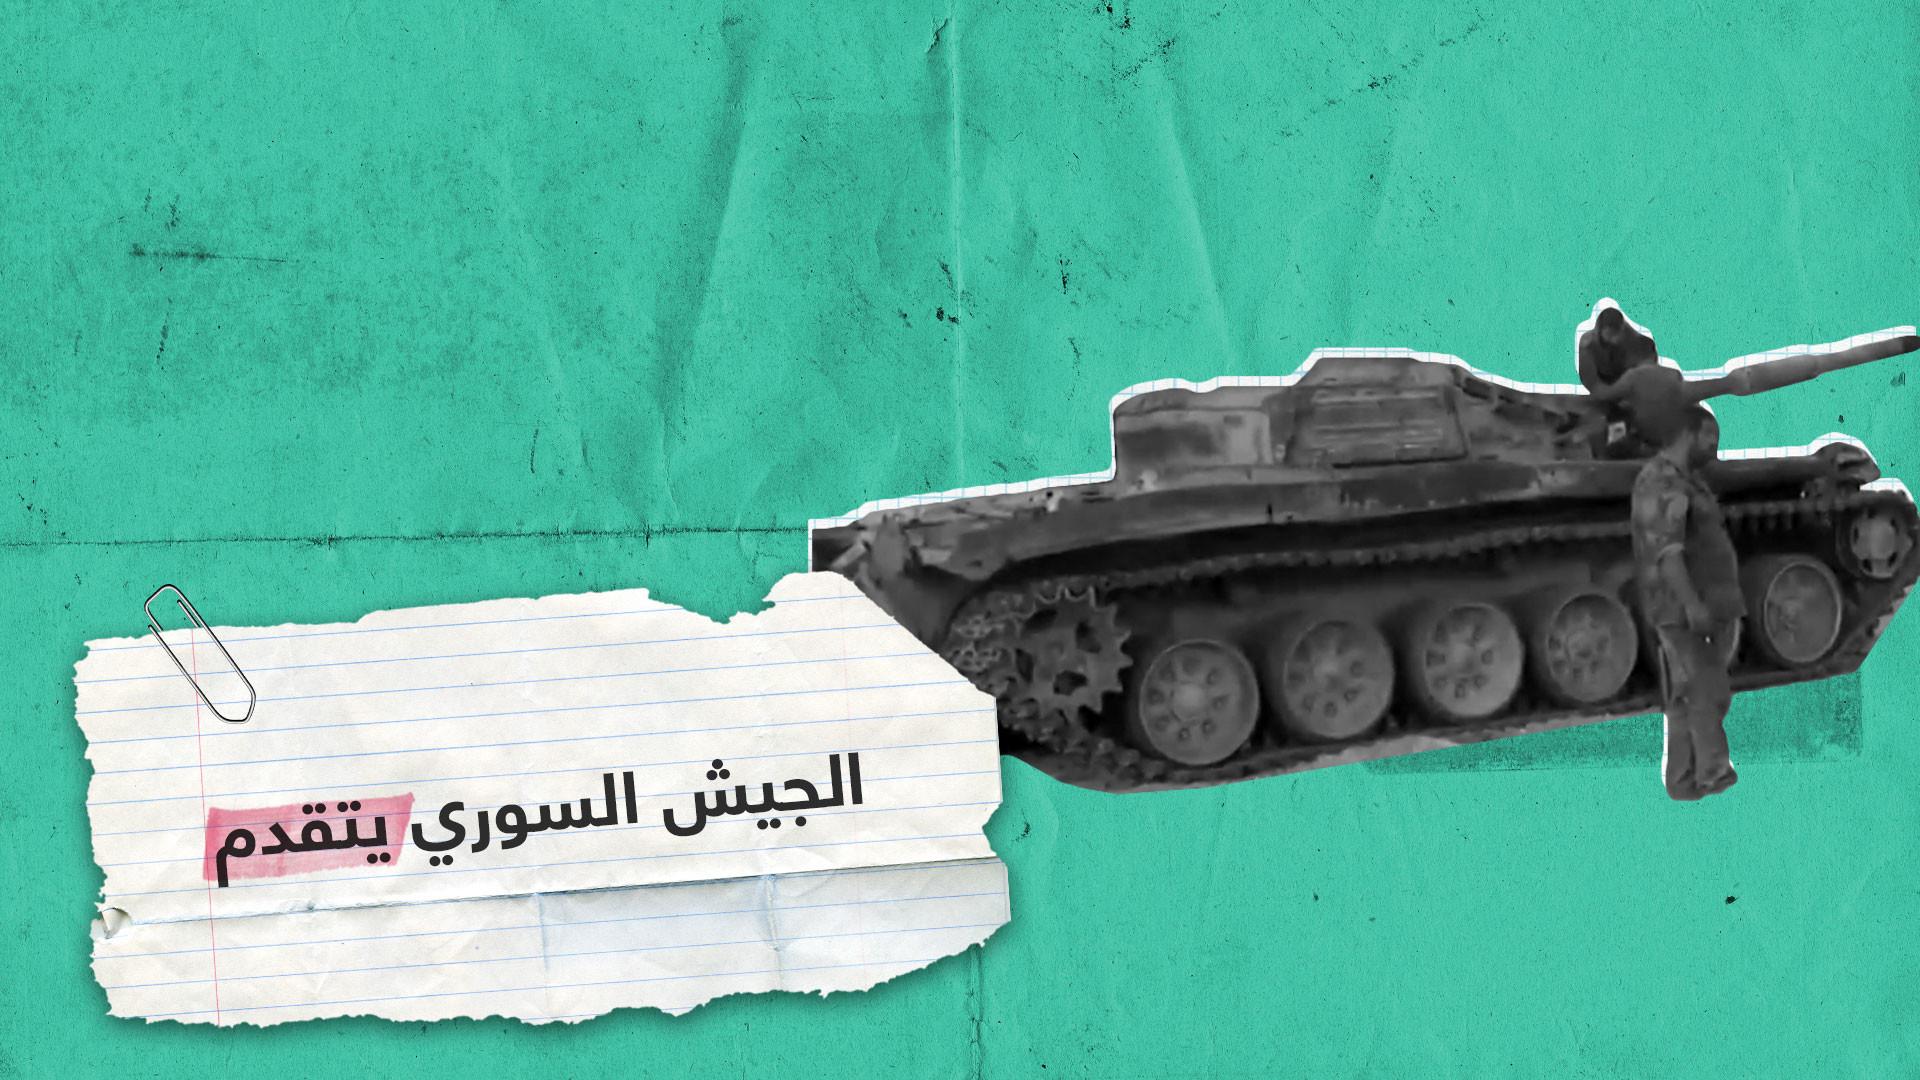 نقطة المراقبة التركية بإدلب.. كيف حاصرتها قوات الجيش السوري؟